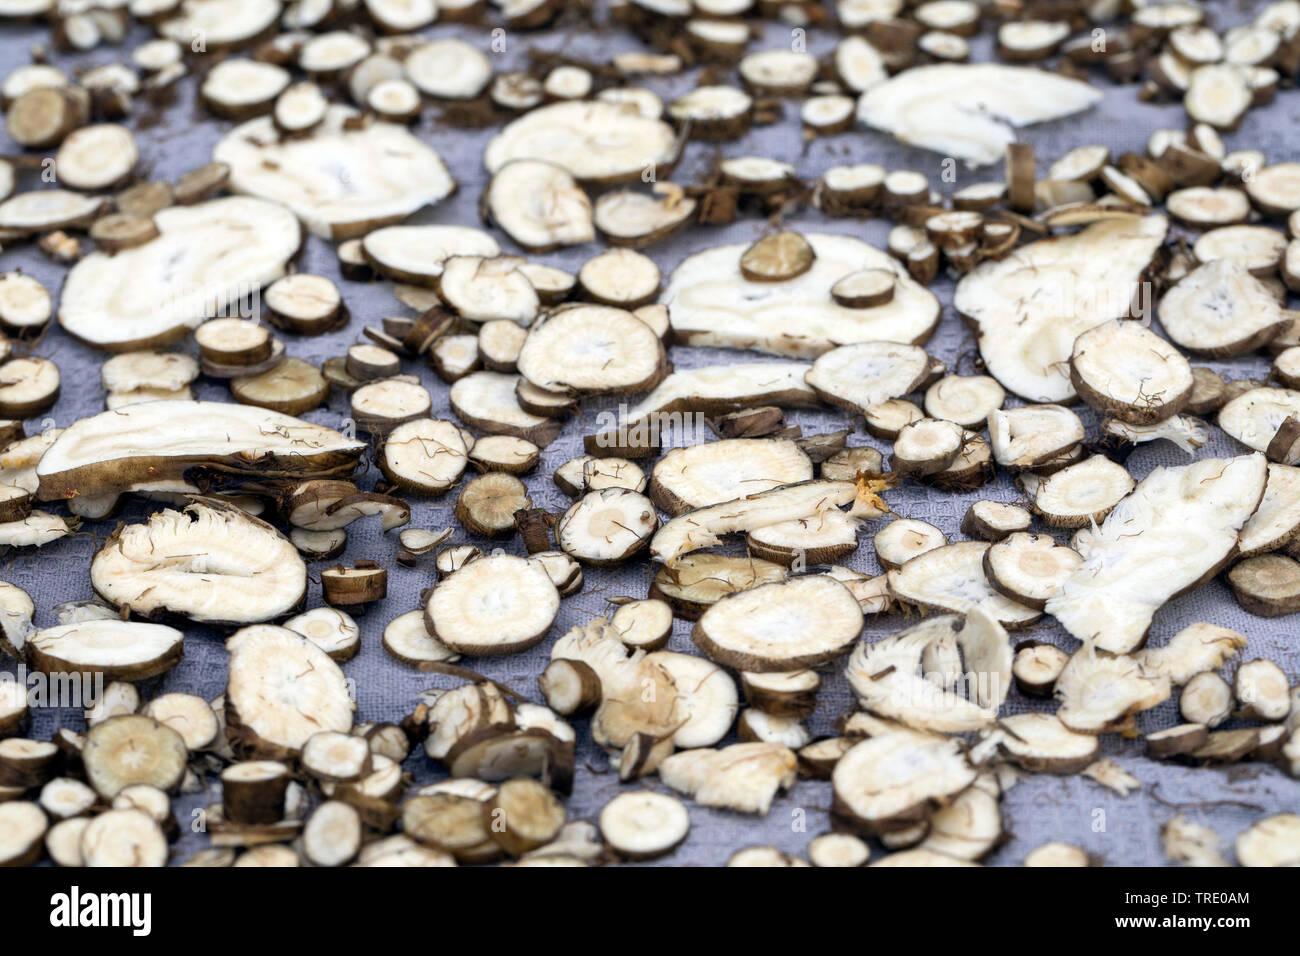 Arznei-Engelwurz, Arzneiengelwurz, Kuesten-Arznei-Engelwurz, Kuesten-Arzneiengelwurz, Kuestenarzneiengelwurz (Angelica archangelica ssp. litoralis), W - Stock Image